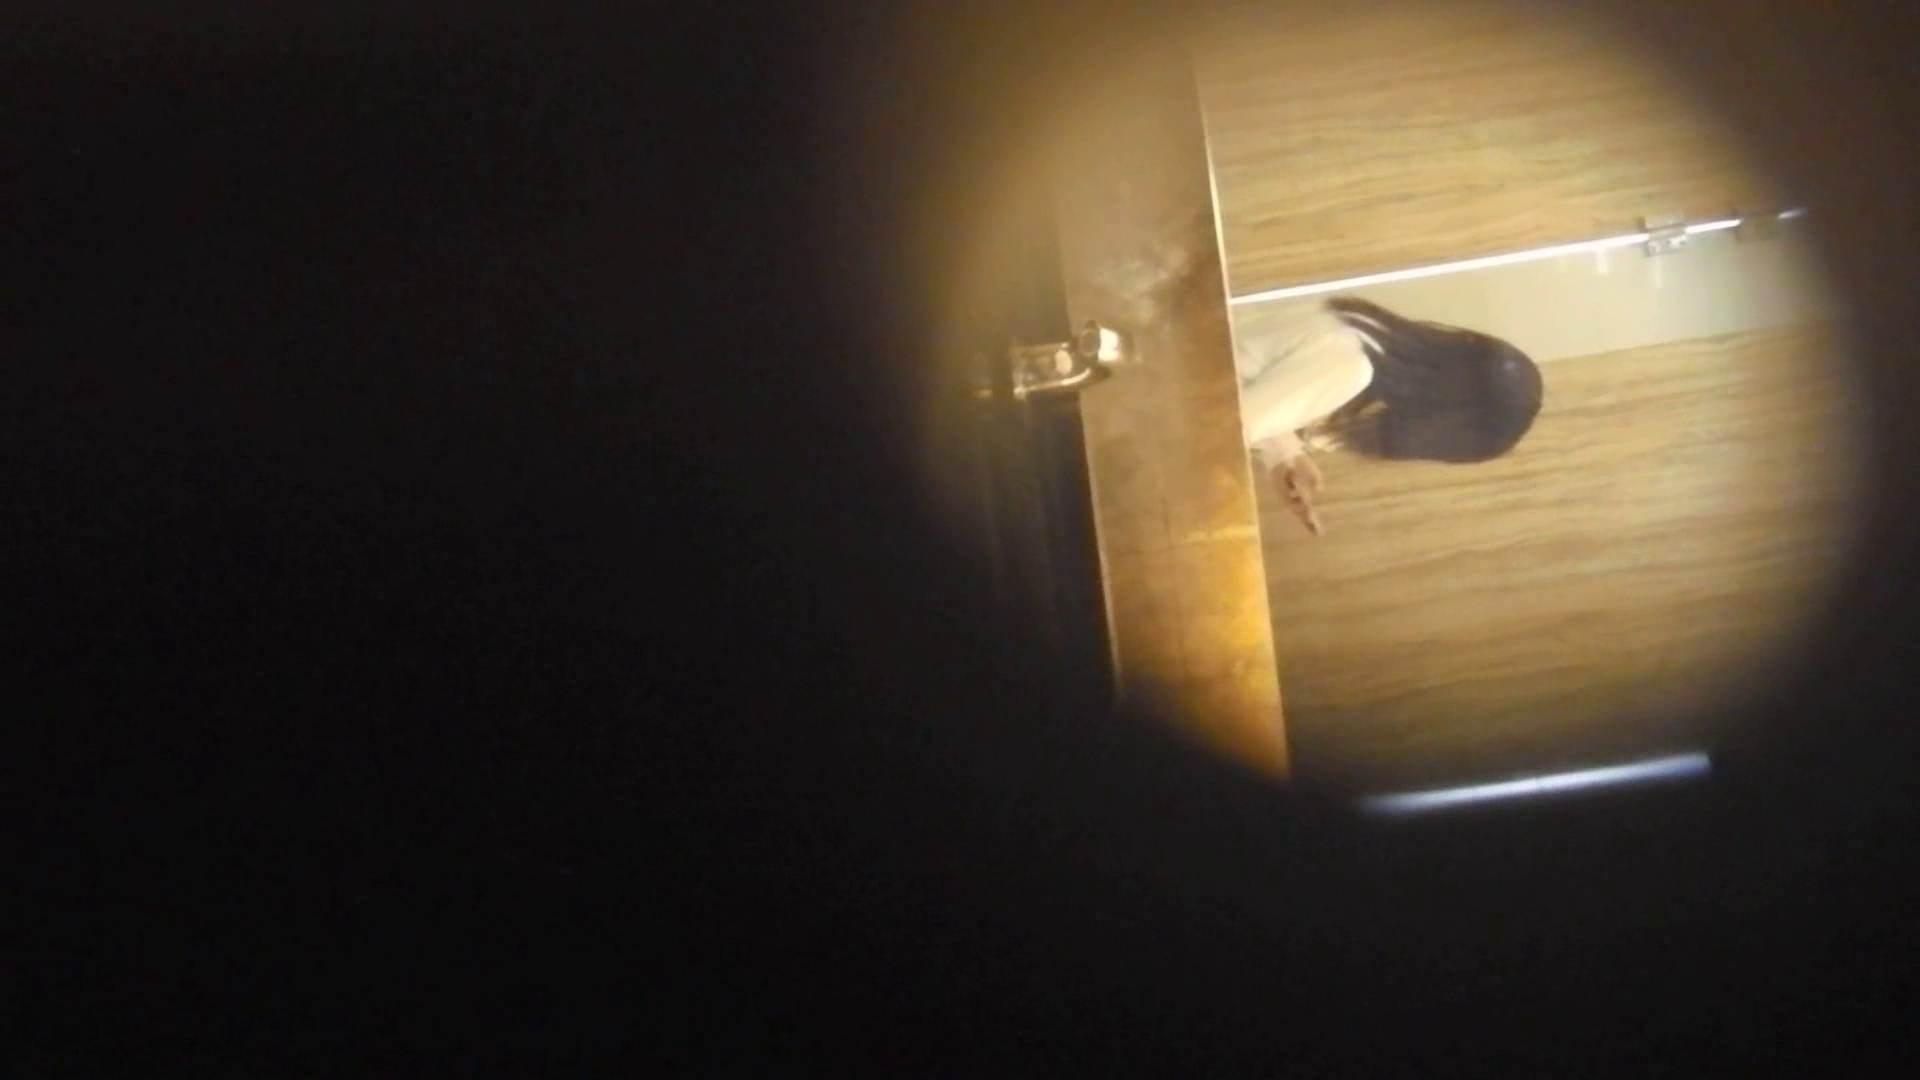 阿国ちゃんの「和式洋式七変化」No.18 iBO(フタコブ) ギャル攻め  96画像 36